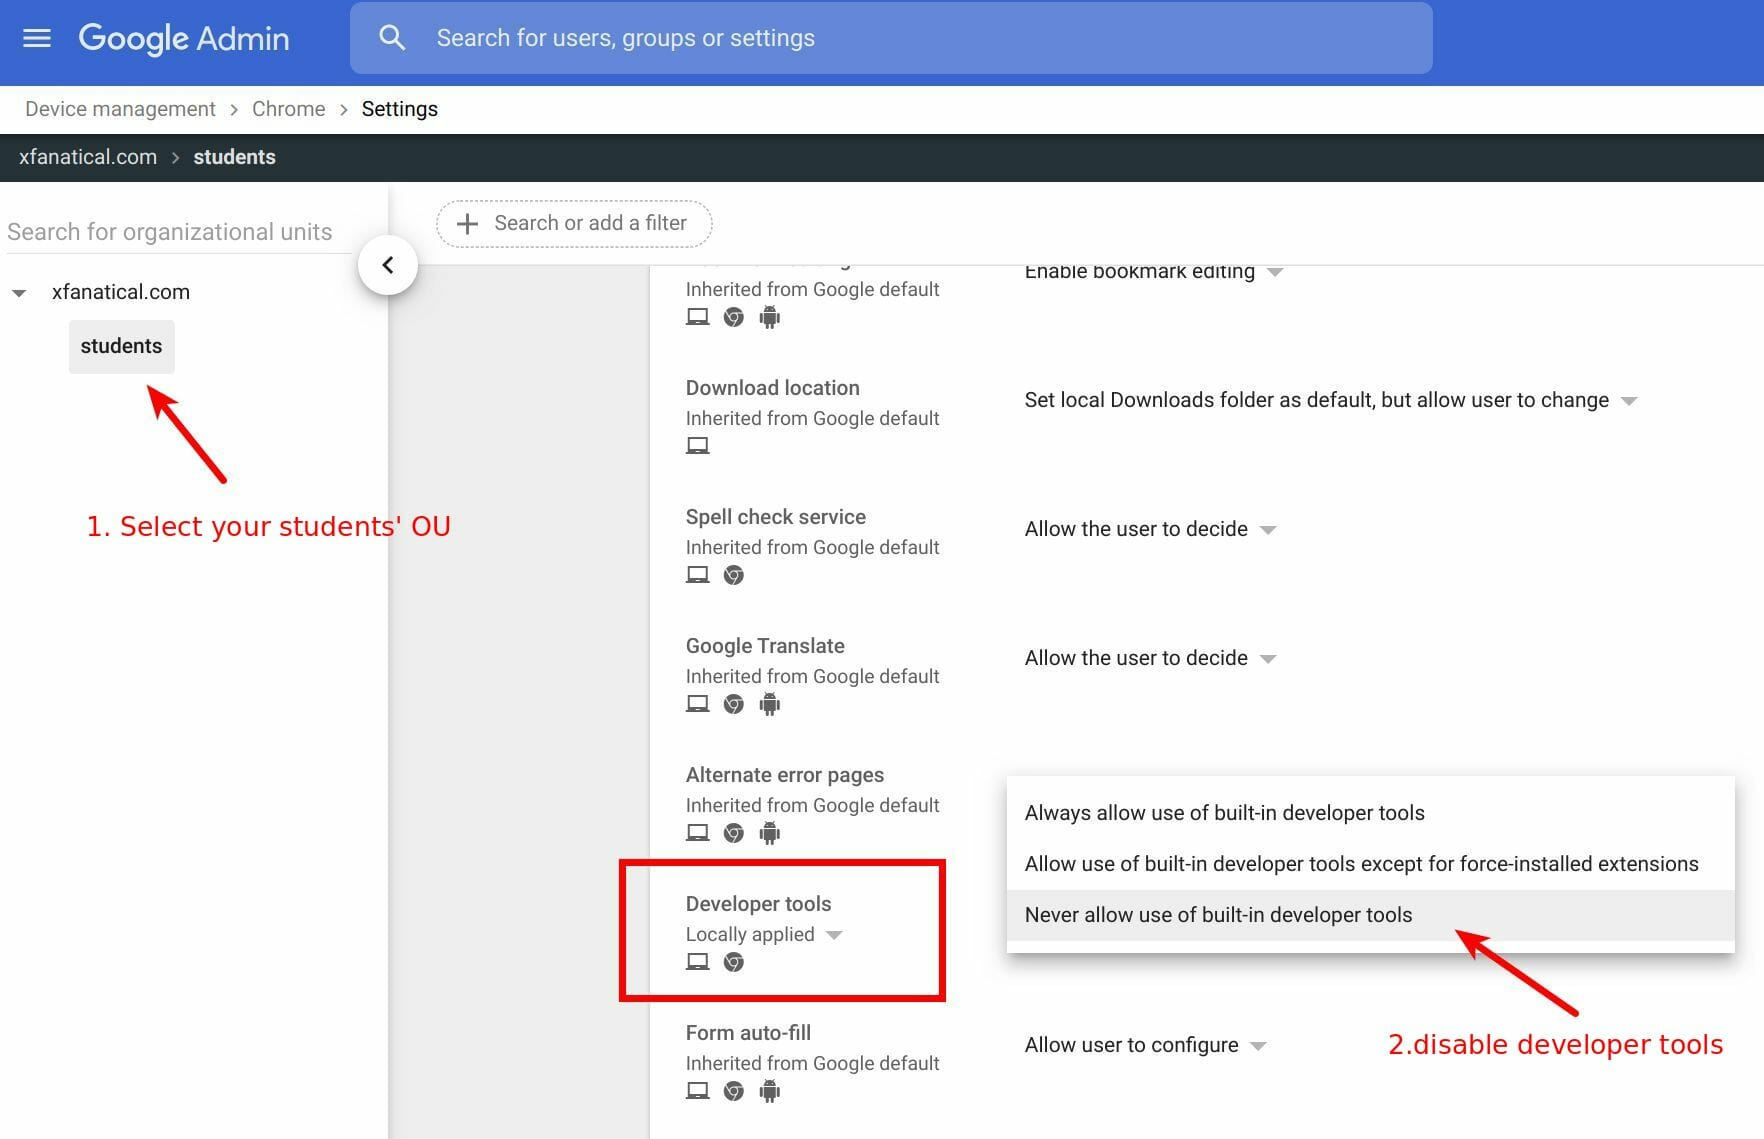 Disable developer tools in Chrome settings